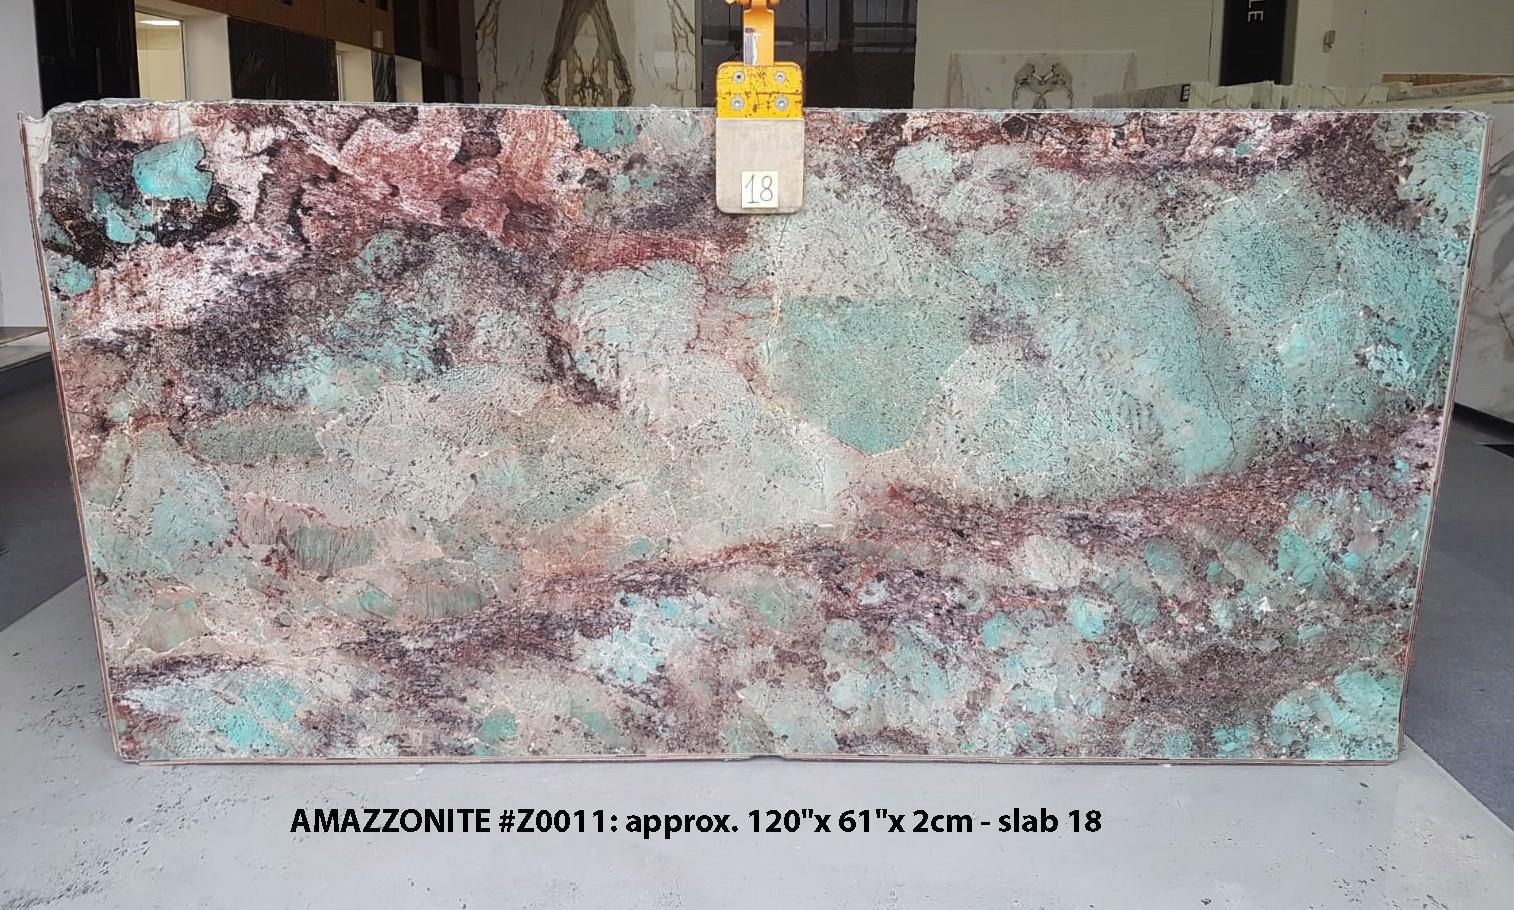 AMAZZONITE Suministro (Italia) de planchas pulidas en piedra semi preciosa natural Z0011 , Slab #18